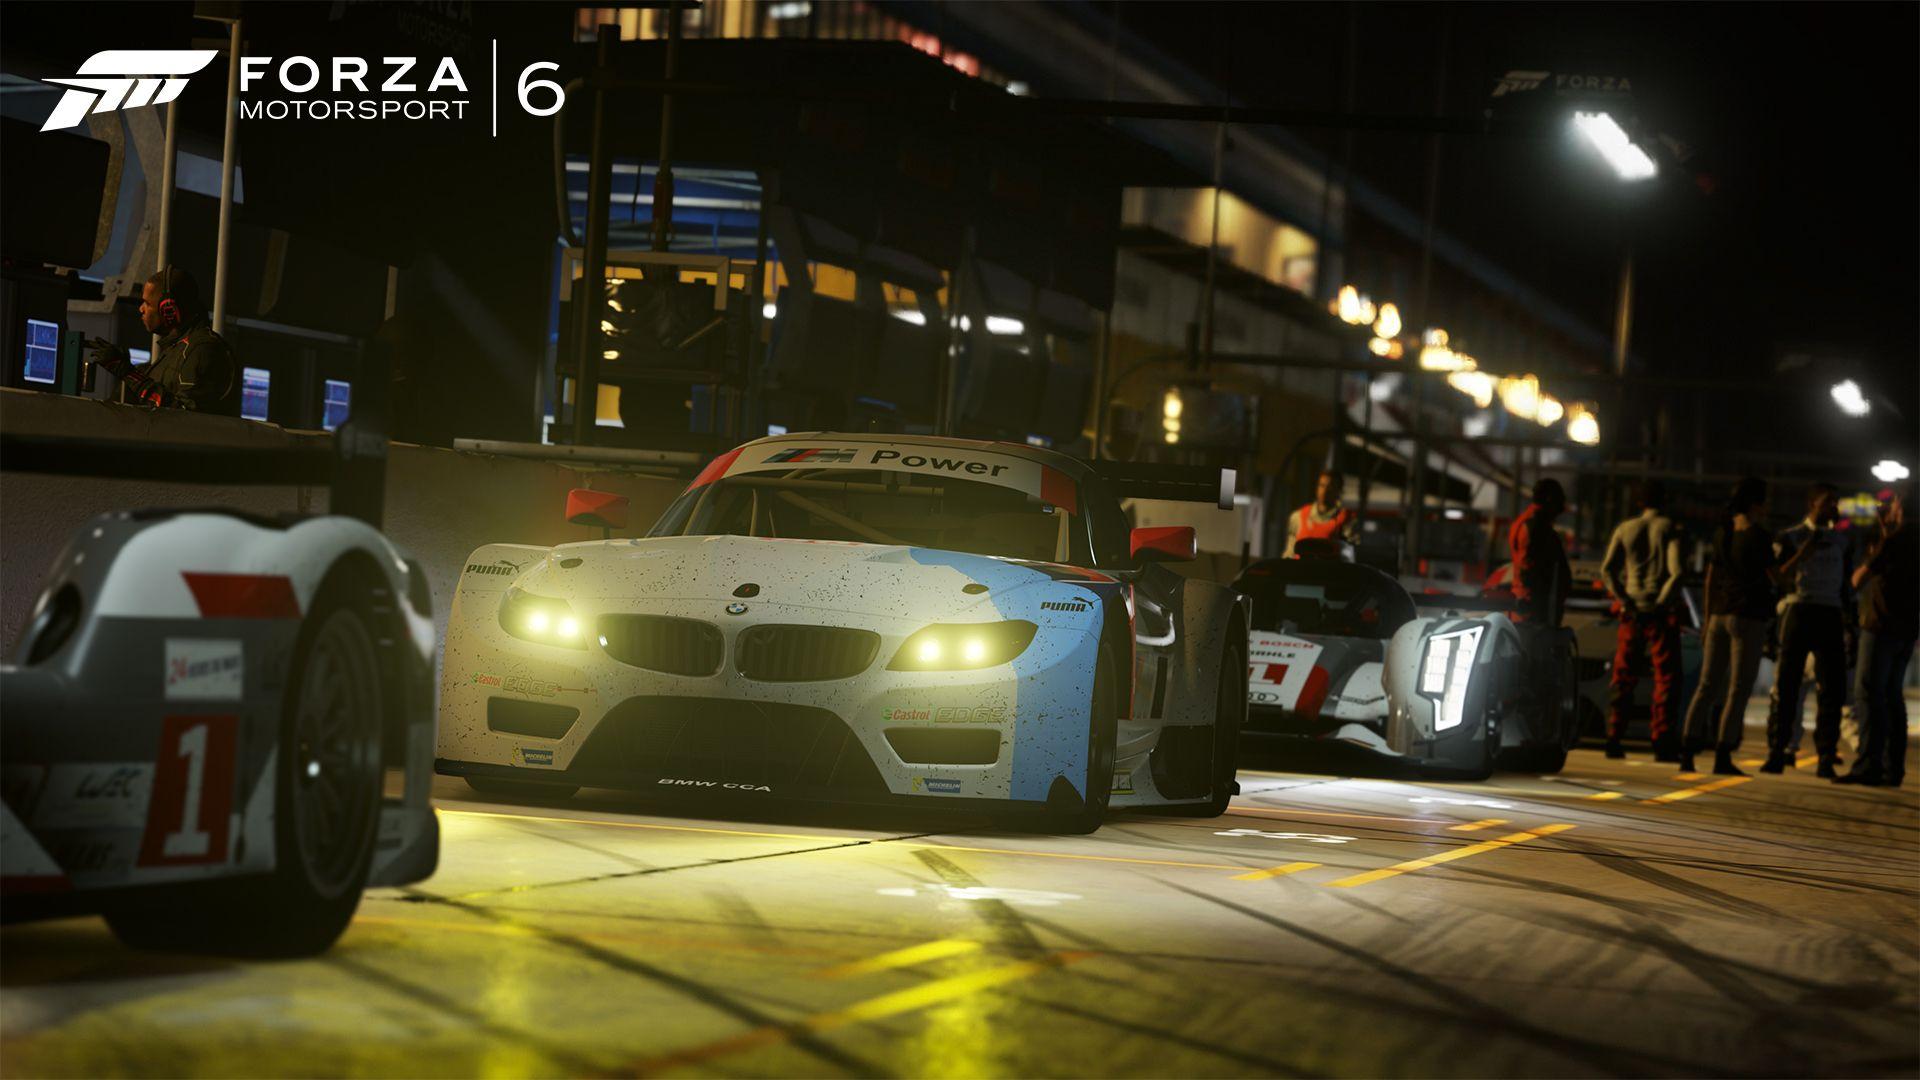 Detaily o tratích a autech ve Forza Motorsport 6 110358